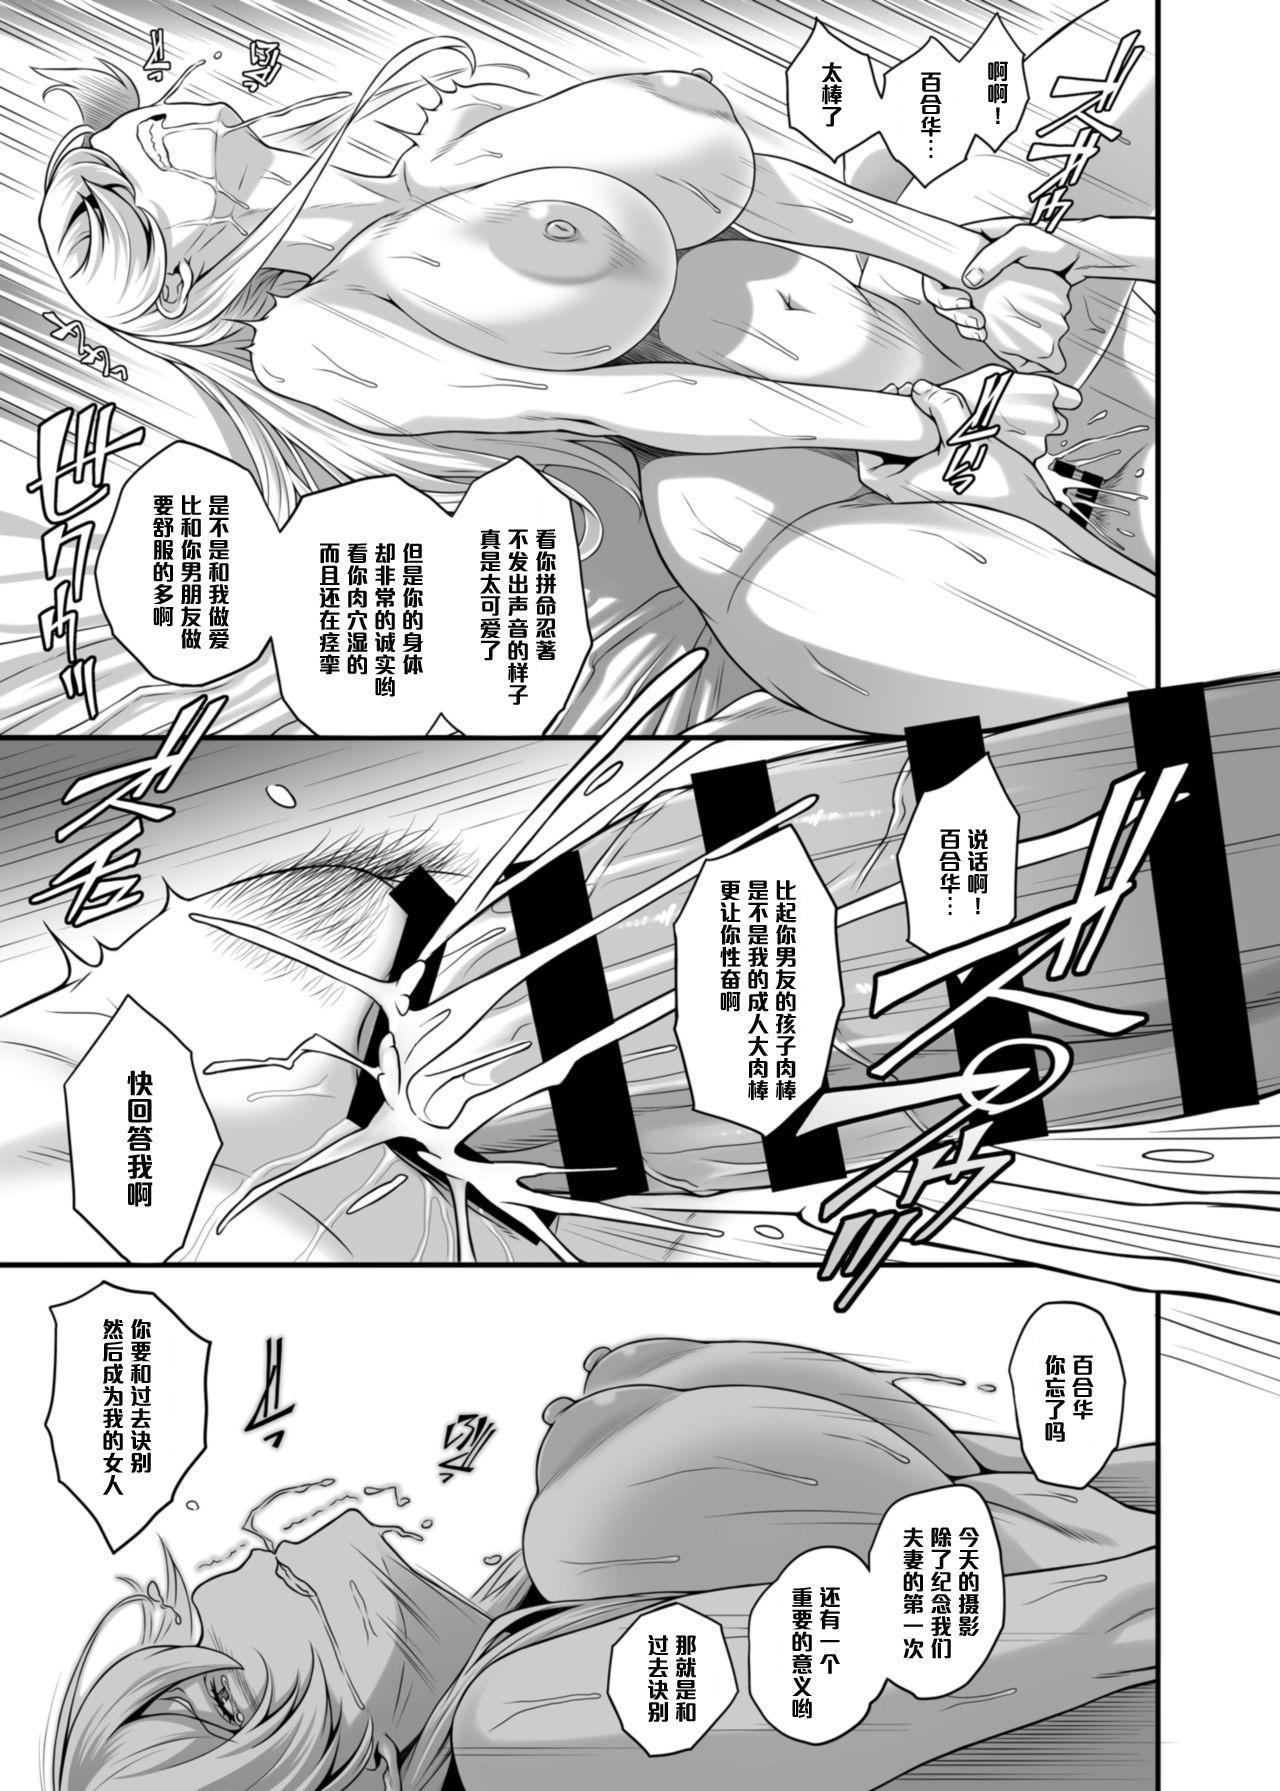 Daraku Reijou Hakoiri Ojou-sama Netorare Choukyou Kiroku 13